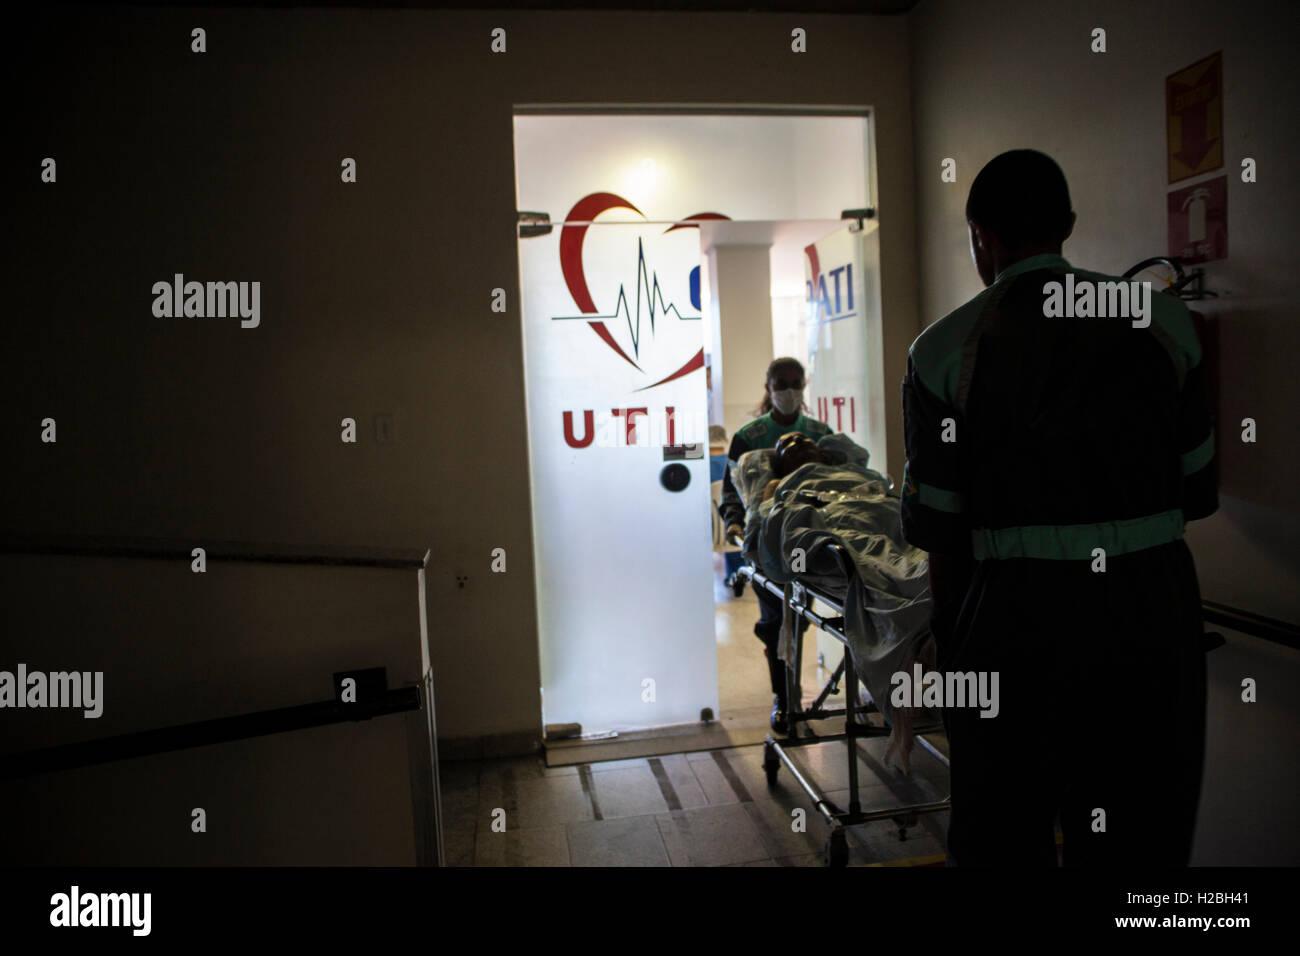 Patient betritt eine Intensivstation (ICU), eine spezielle Abteilung der eine Arzt oder Krankenhaus Einrichtung, Stockbild